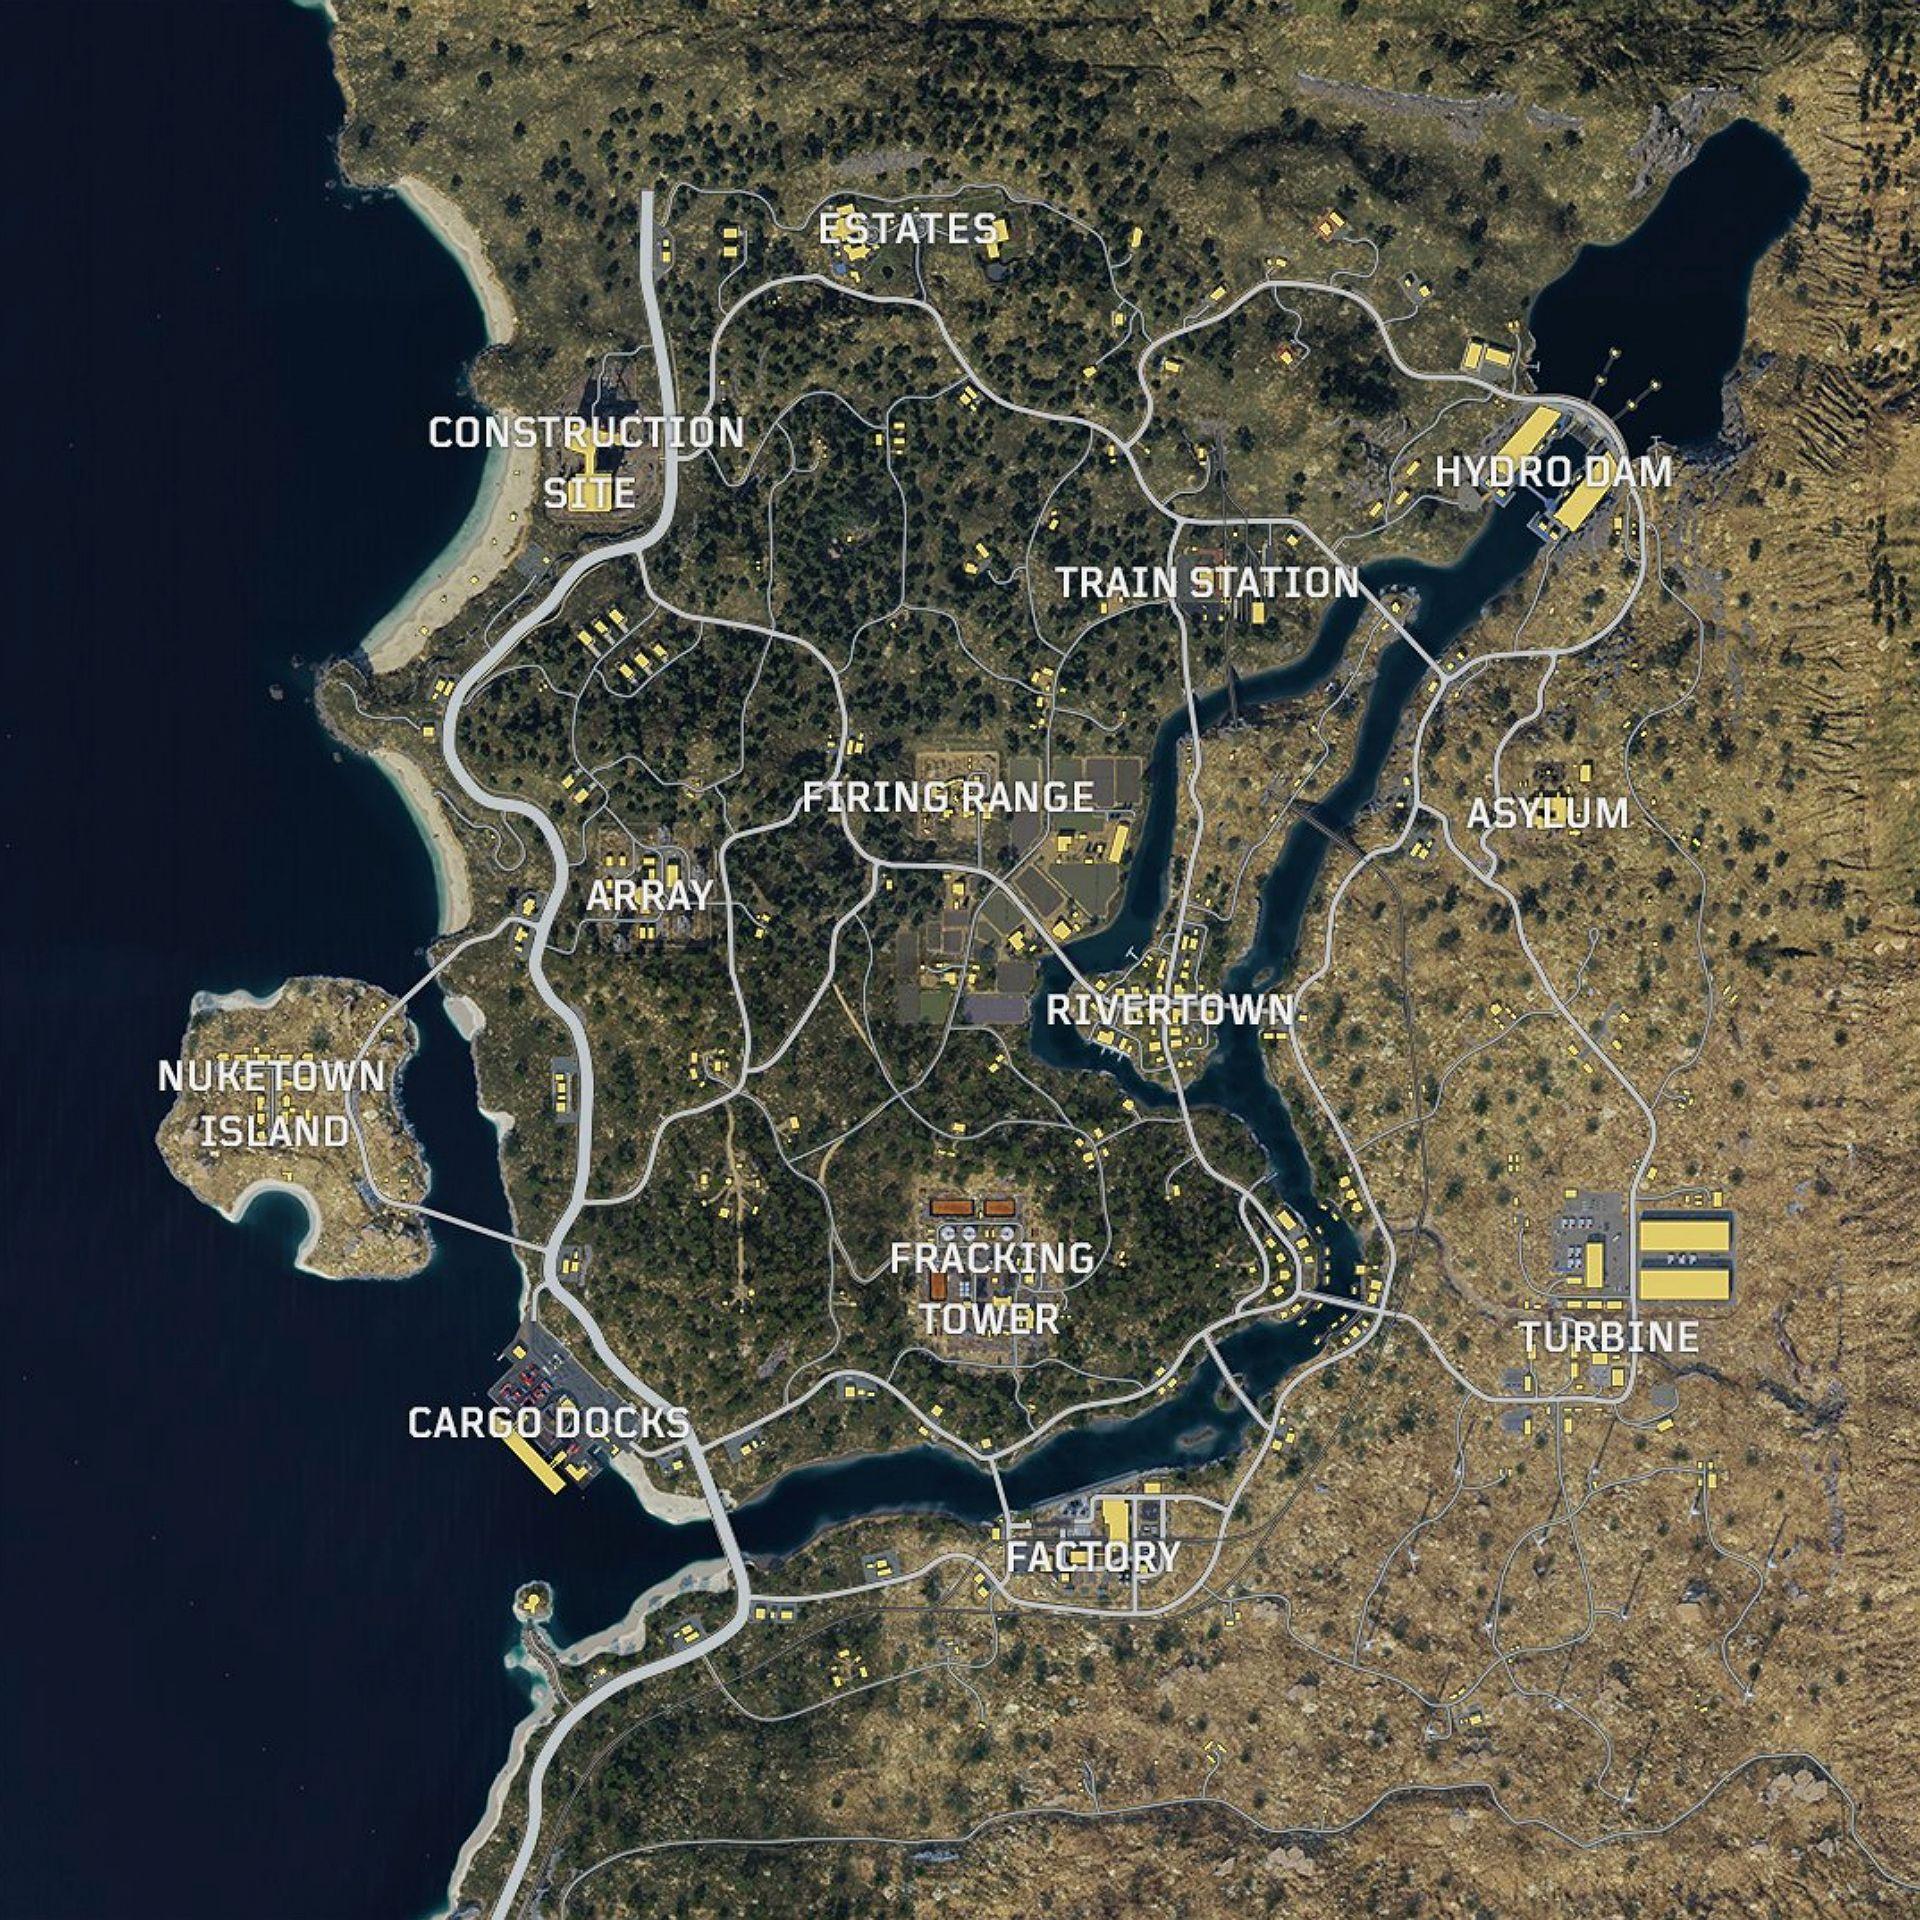 Blackout Map Best Loot Spots Cod Callofduty Blackops4 Blackout Battleroyale Black Ops Black Ops 4 Call Of Duty